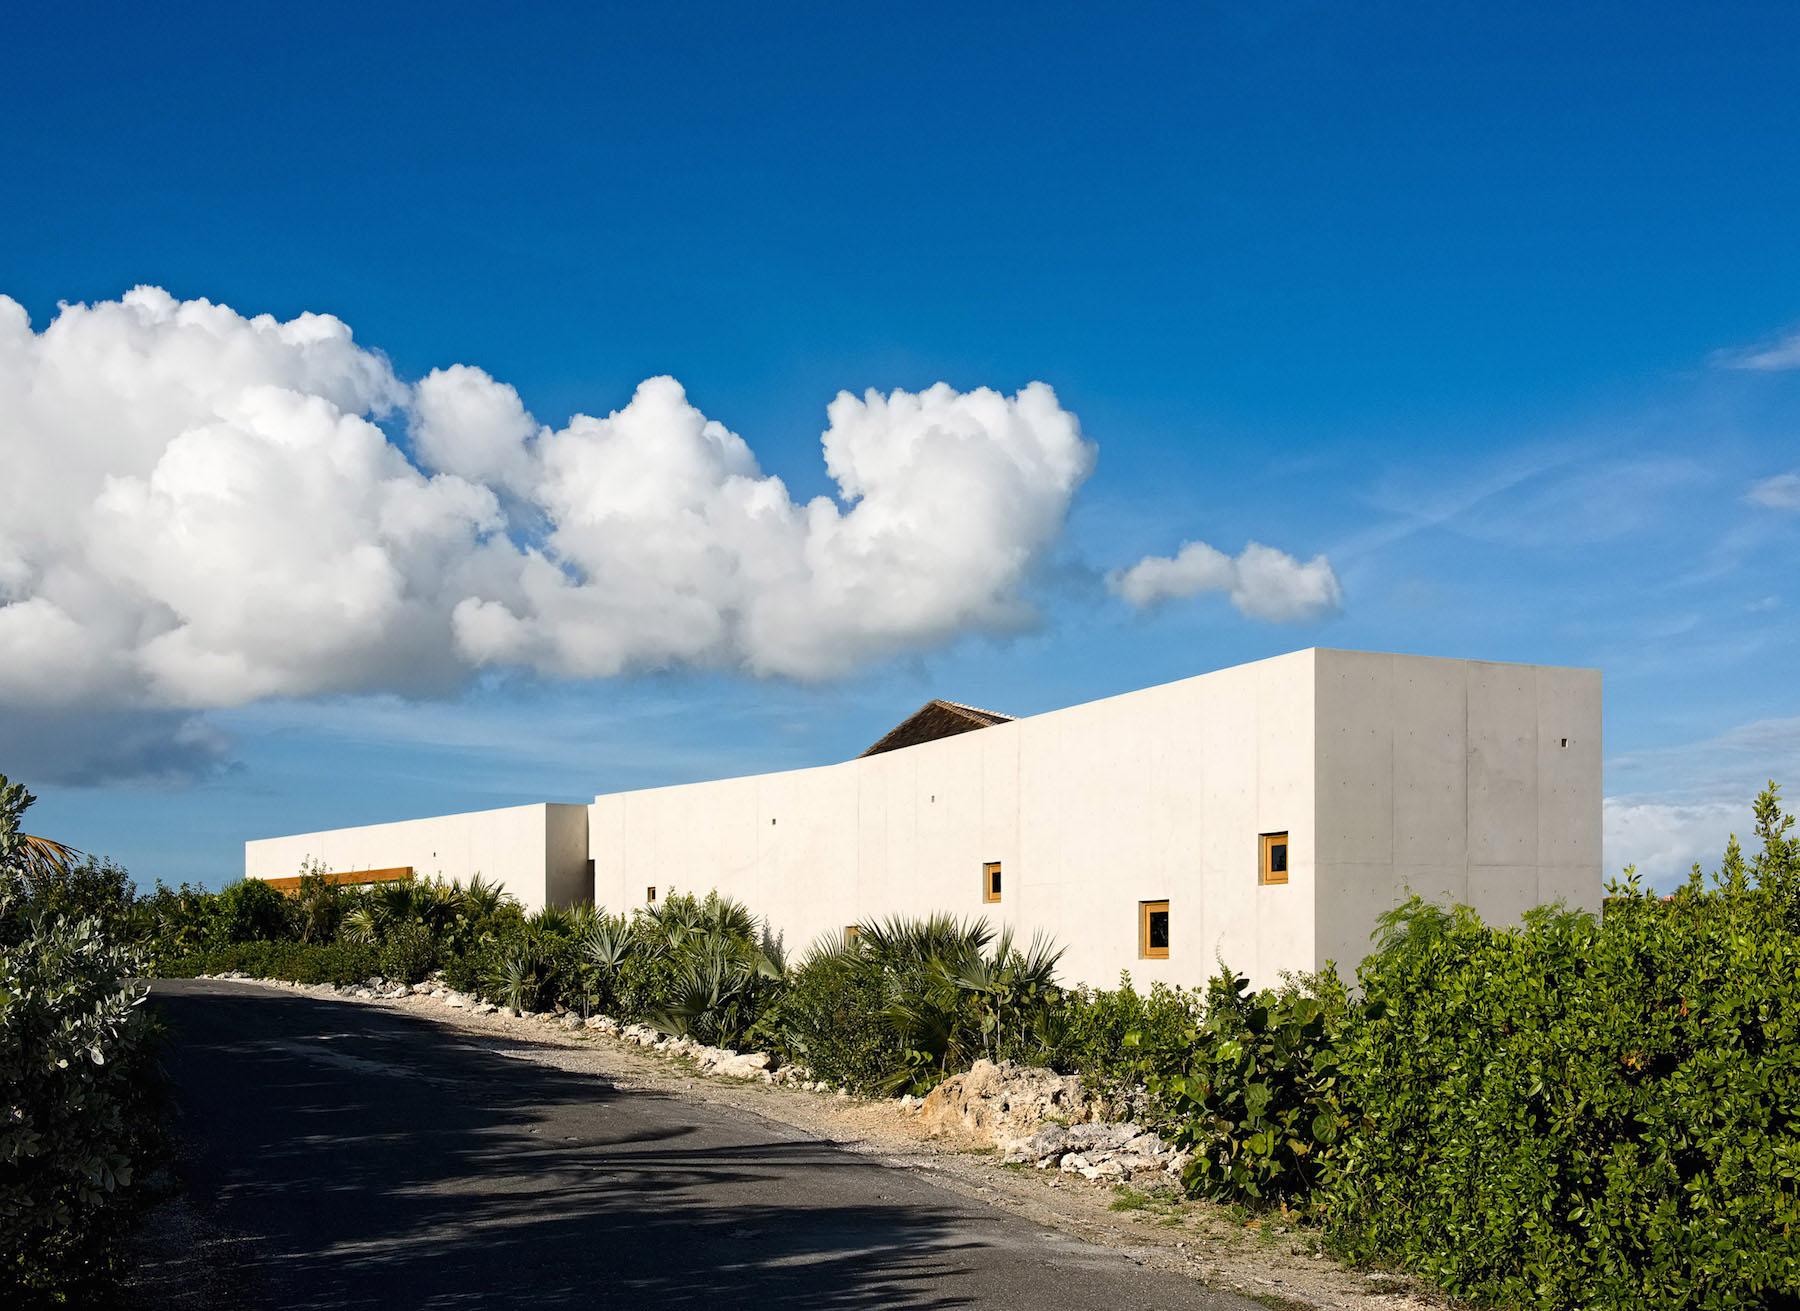 iGNANT-Architecture-Rick-Joy-Architects-La-Cabanon-13